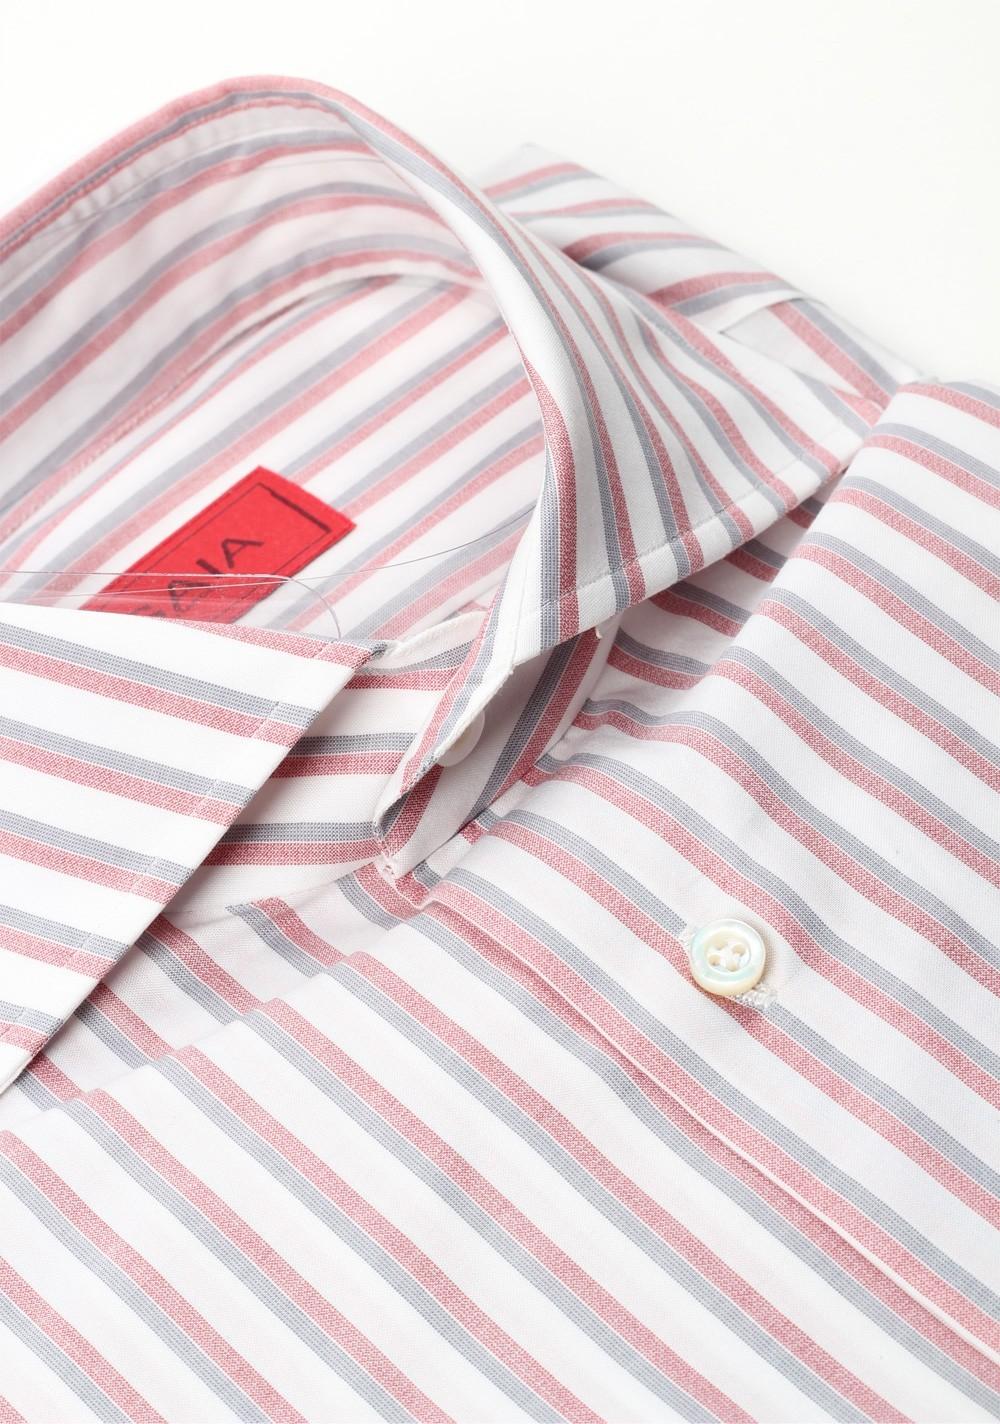 Isaia Shirt Size 40 / 15,75 U.S. | Costume Limité